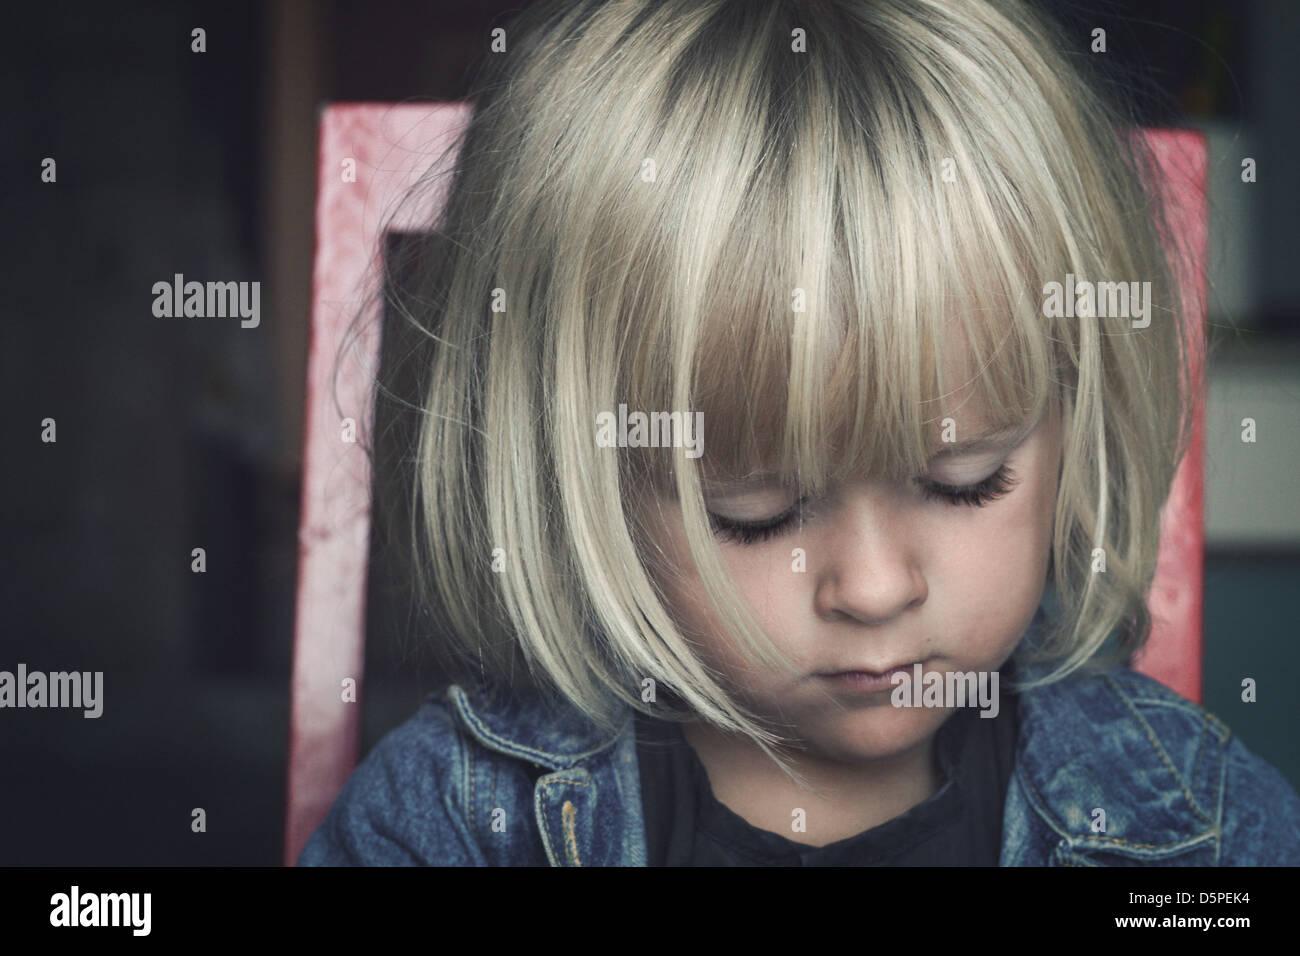 Triste piccolo bambino seduto su una sedia, guardando verso il basso Immagini Stock